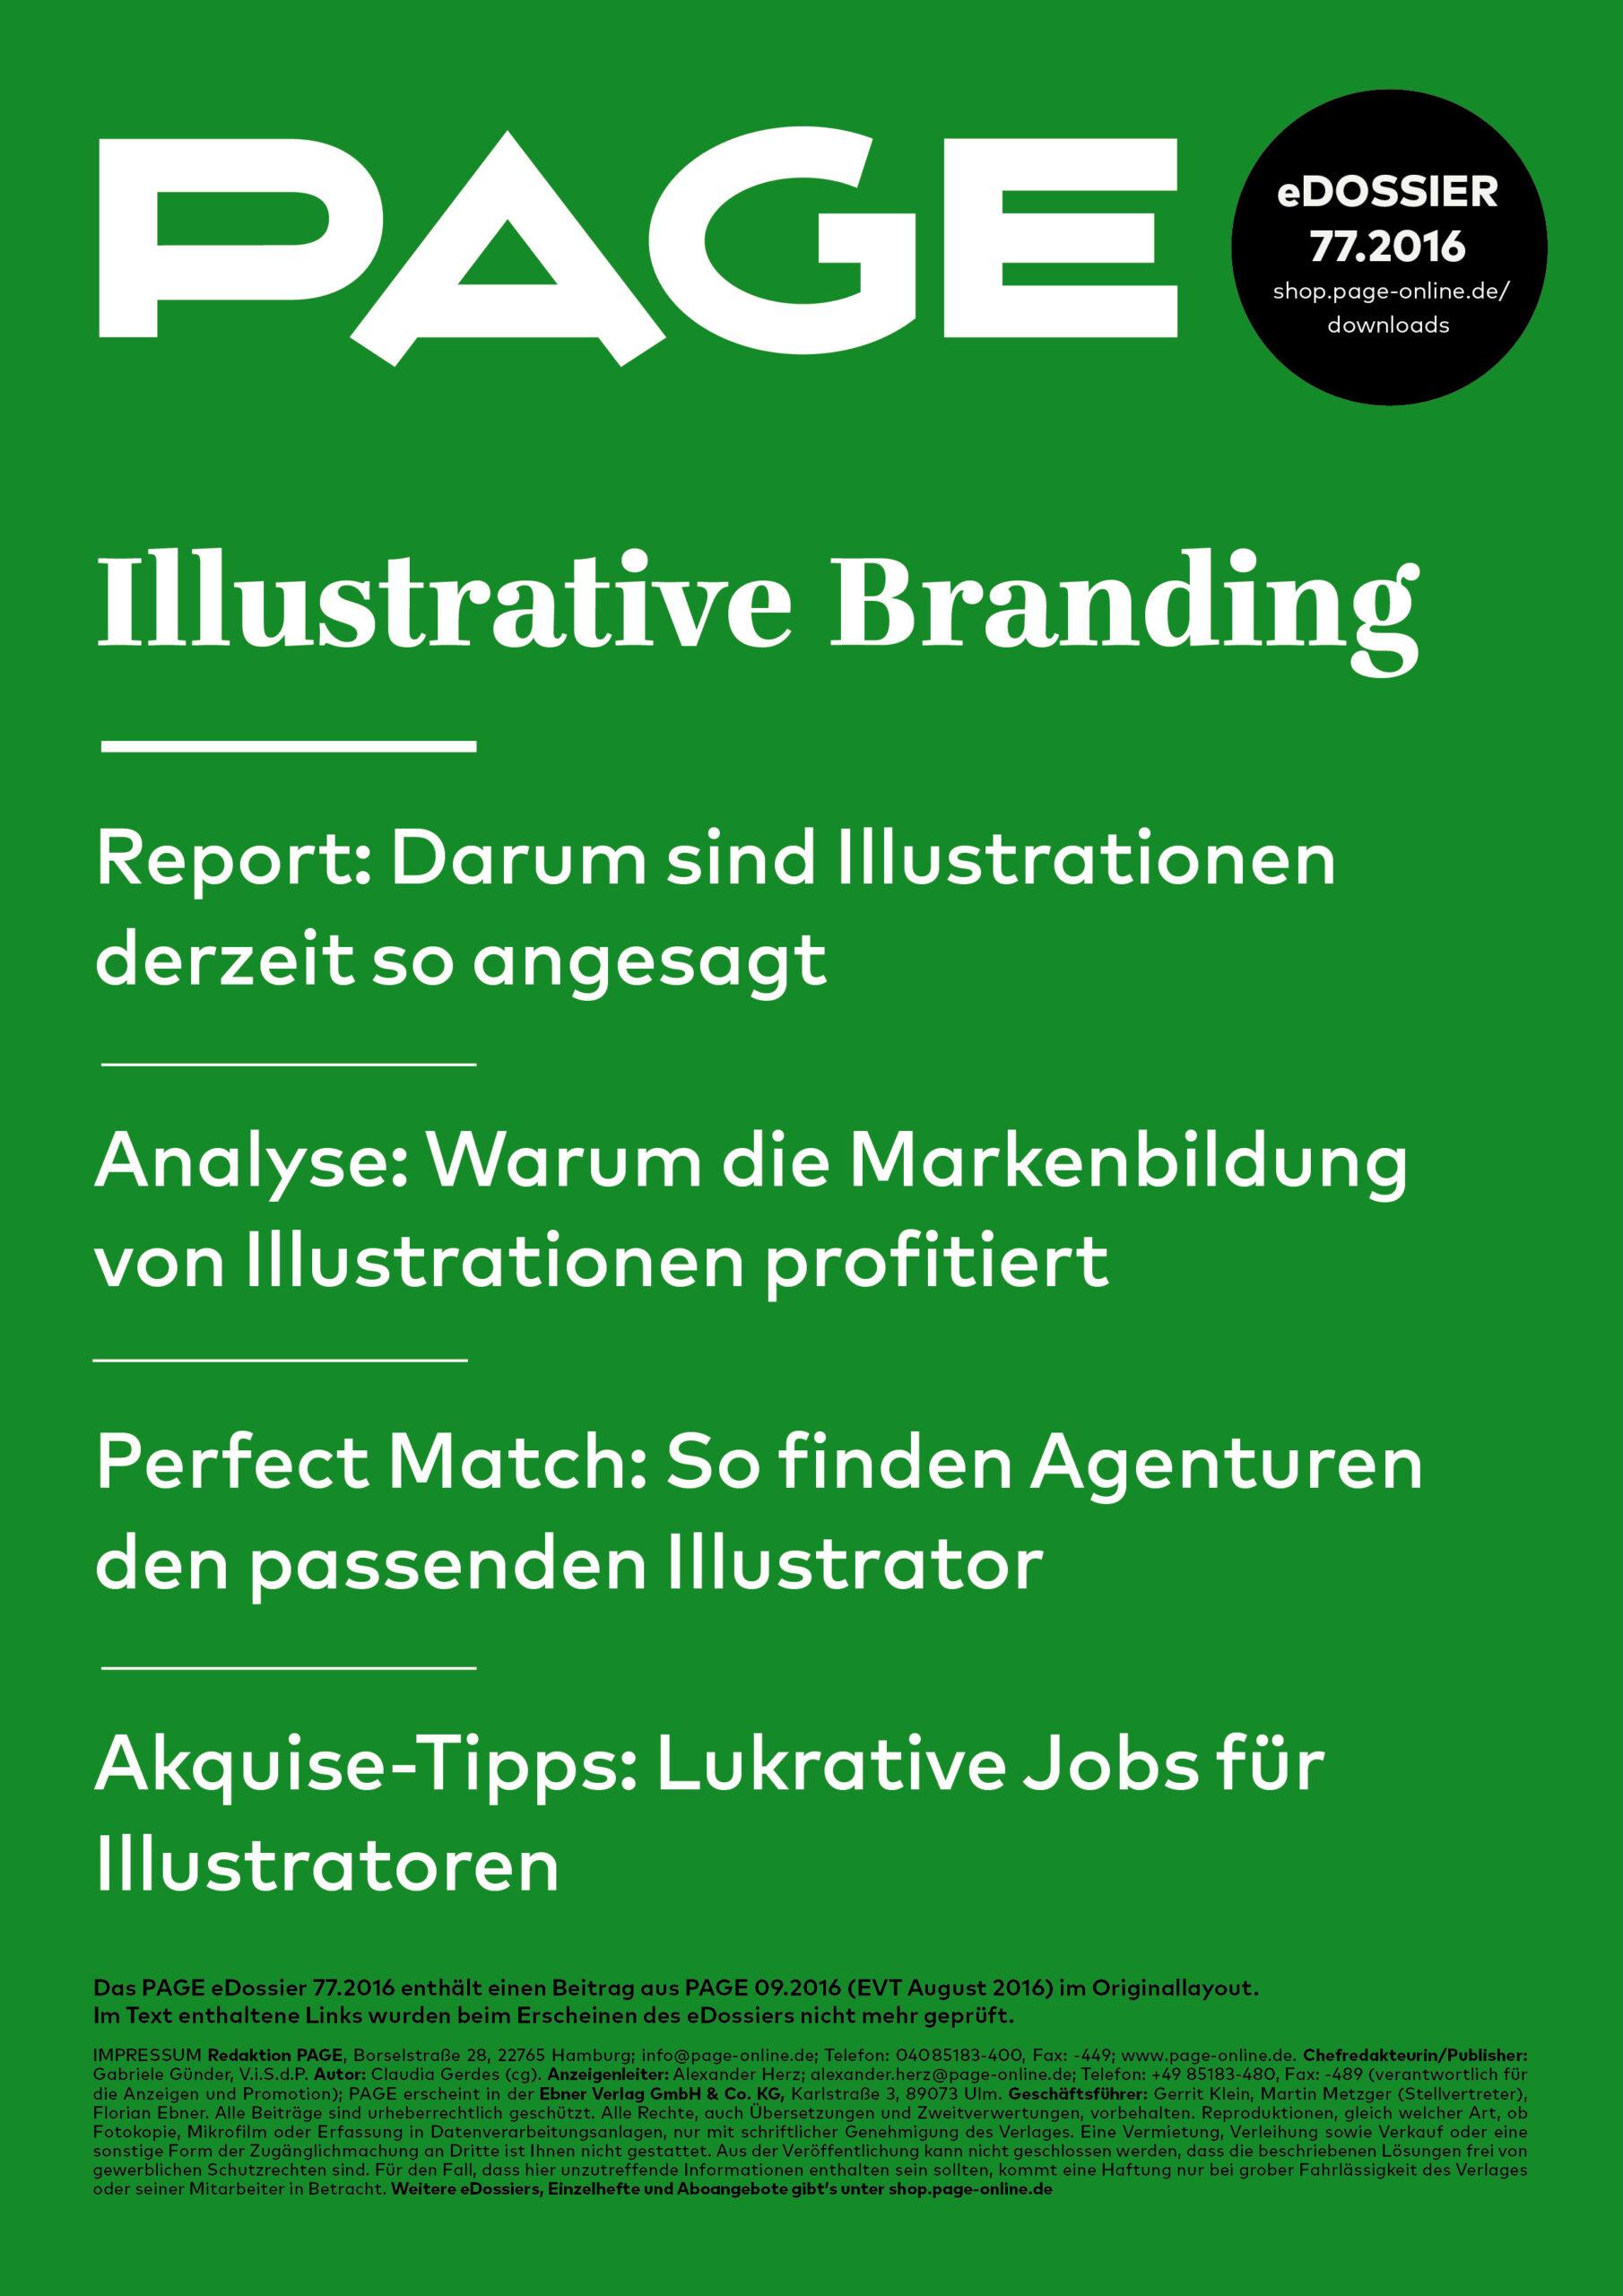 Produkt: eDossier »Illustrative Branding«